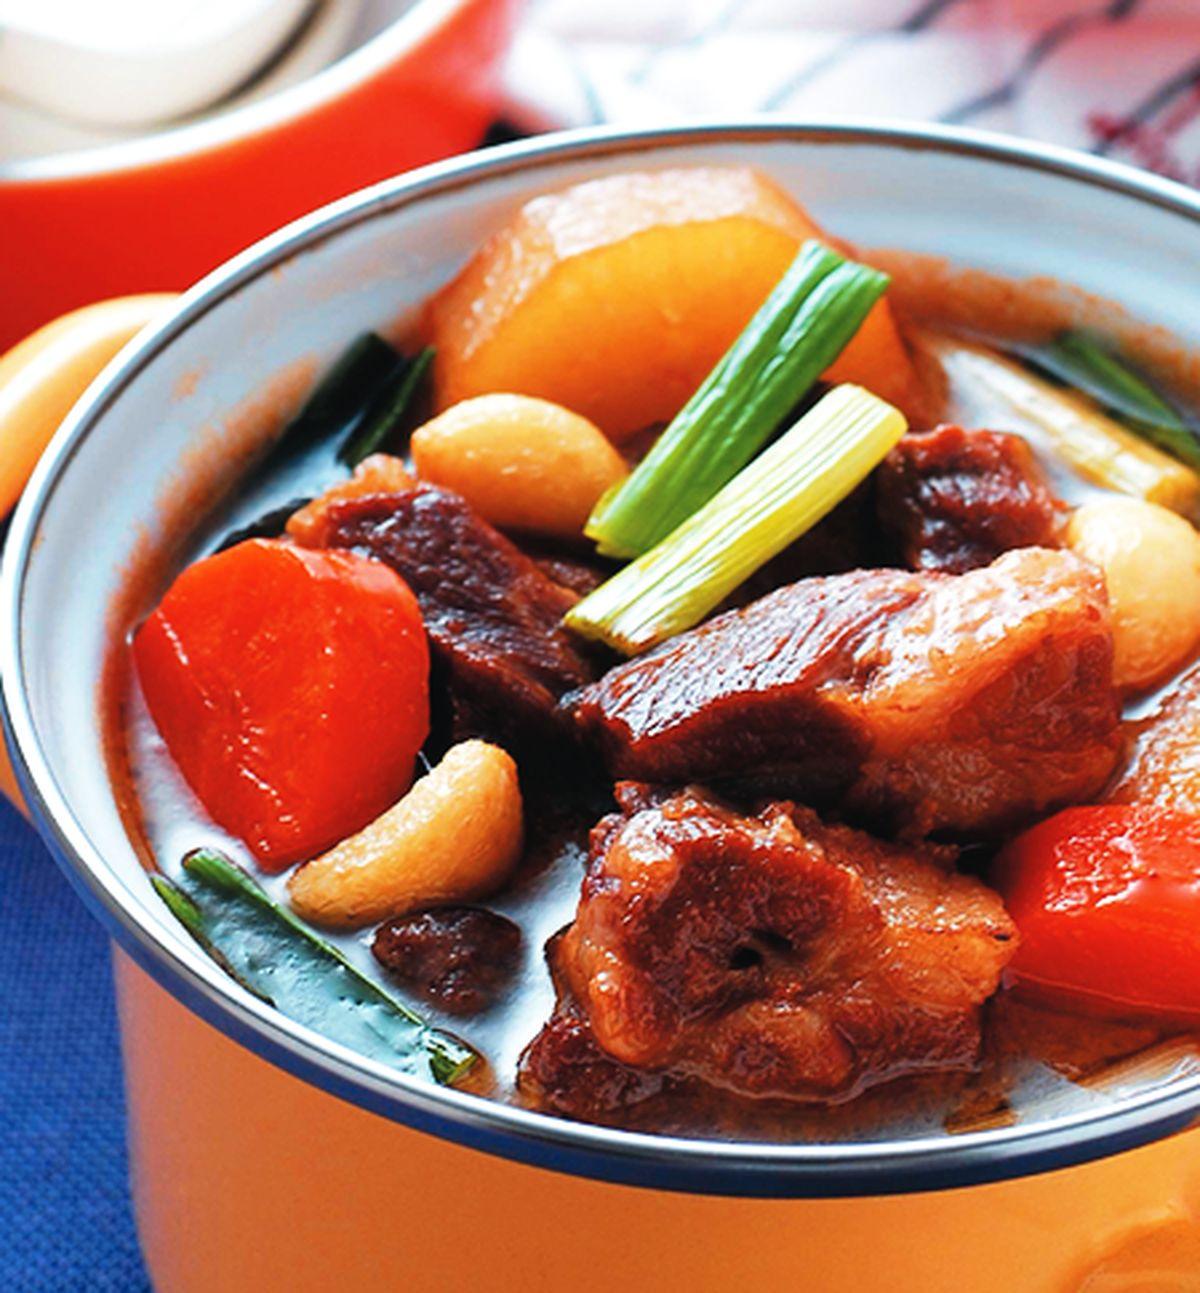 食譜:蘿蔔滷梅花肉